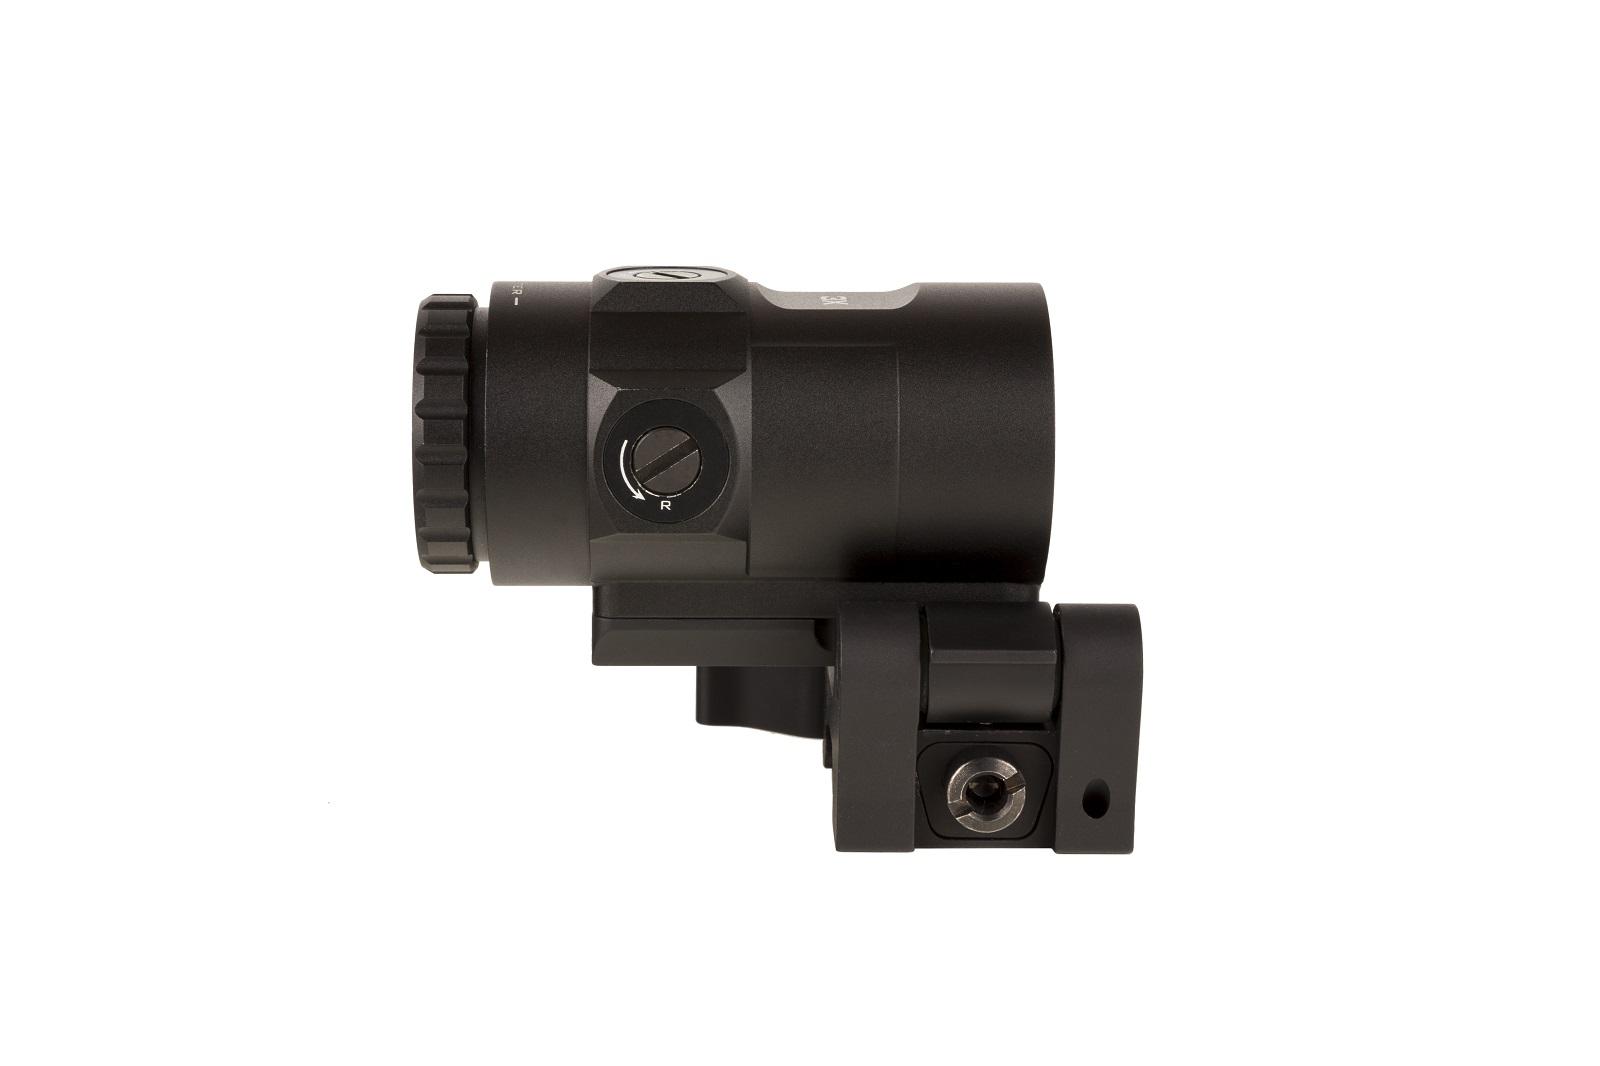 Trijicon 3x Magnifier for MRO HD Bild 05